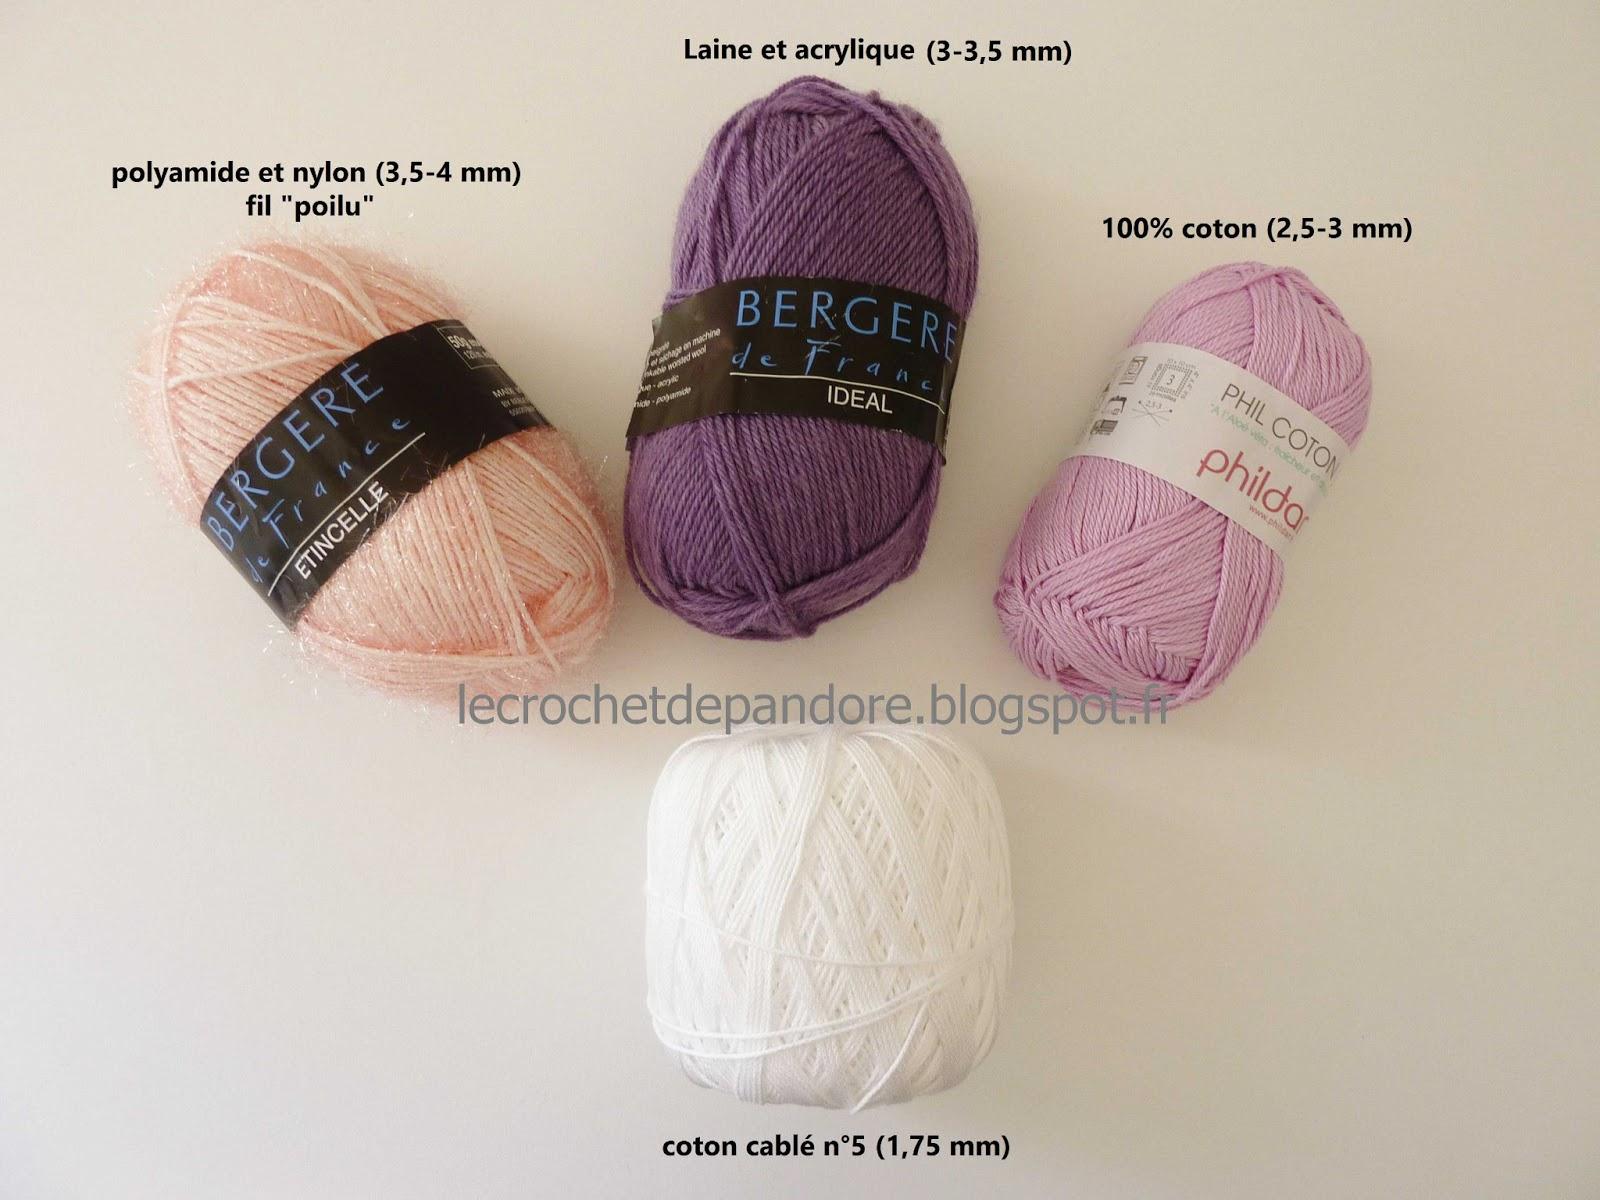 crochet pour la laine